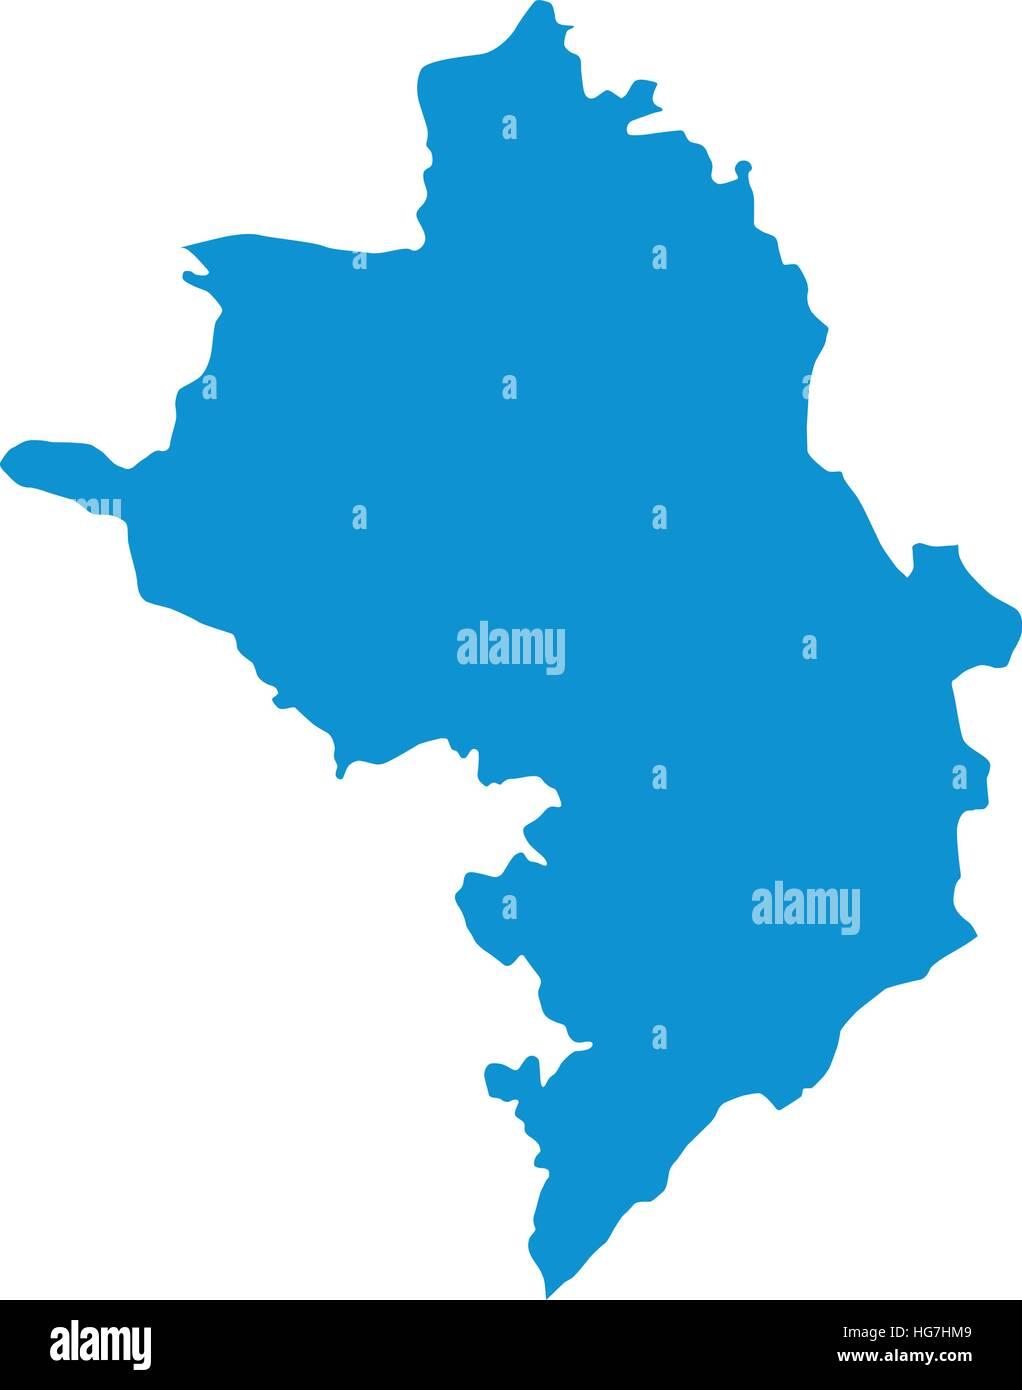 Azerbaijan map - Stock Vector